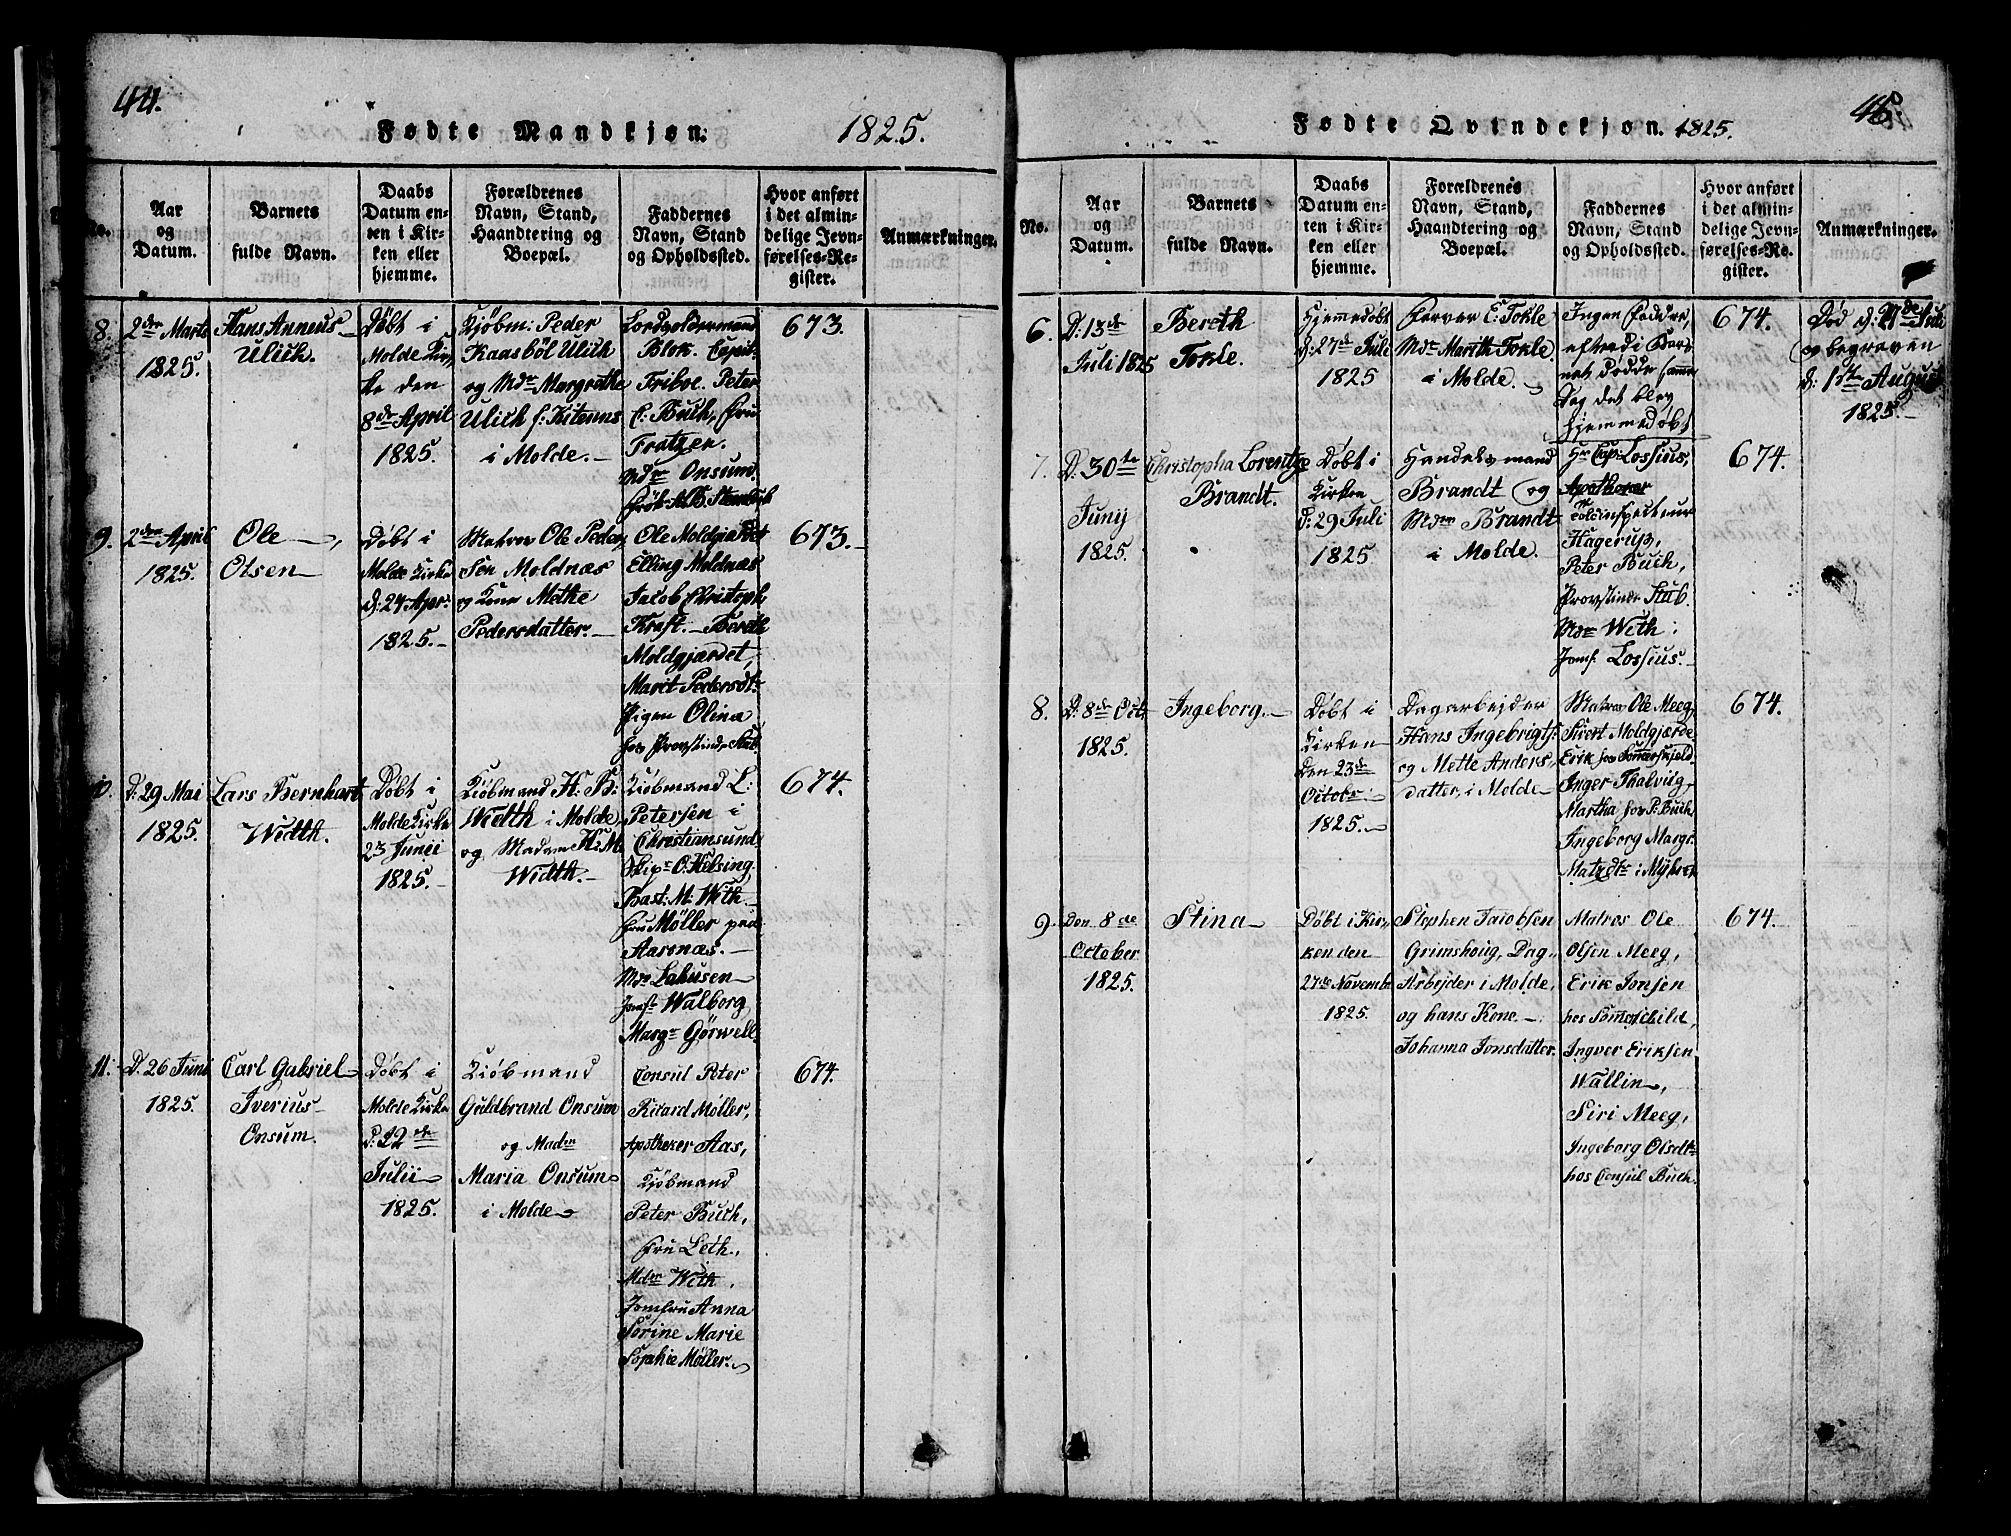 SAT, Ministerialprotokoller, klokkerbøker og fødselsregistre - Møre og Romsdal, 558/L0700: Klokkerbok nr. 558C01, 1818-1868, s. 44-45